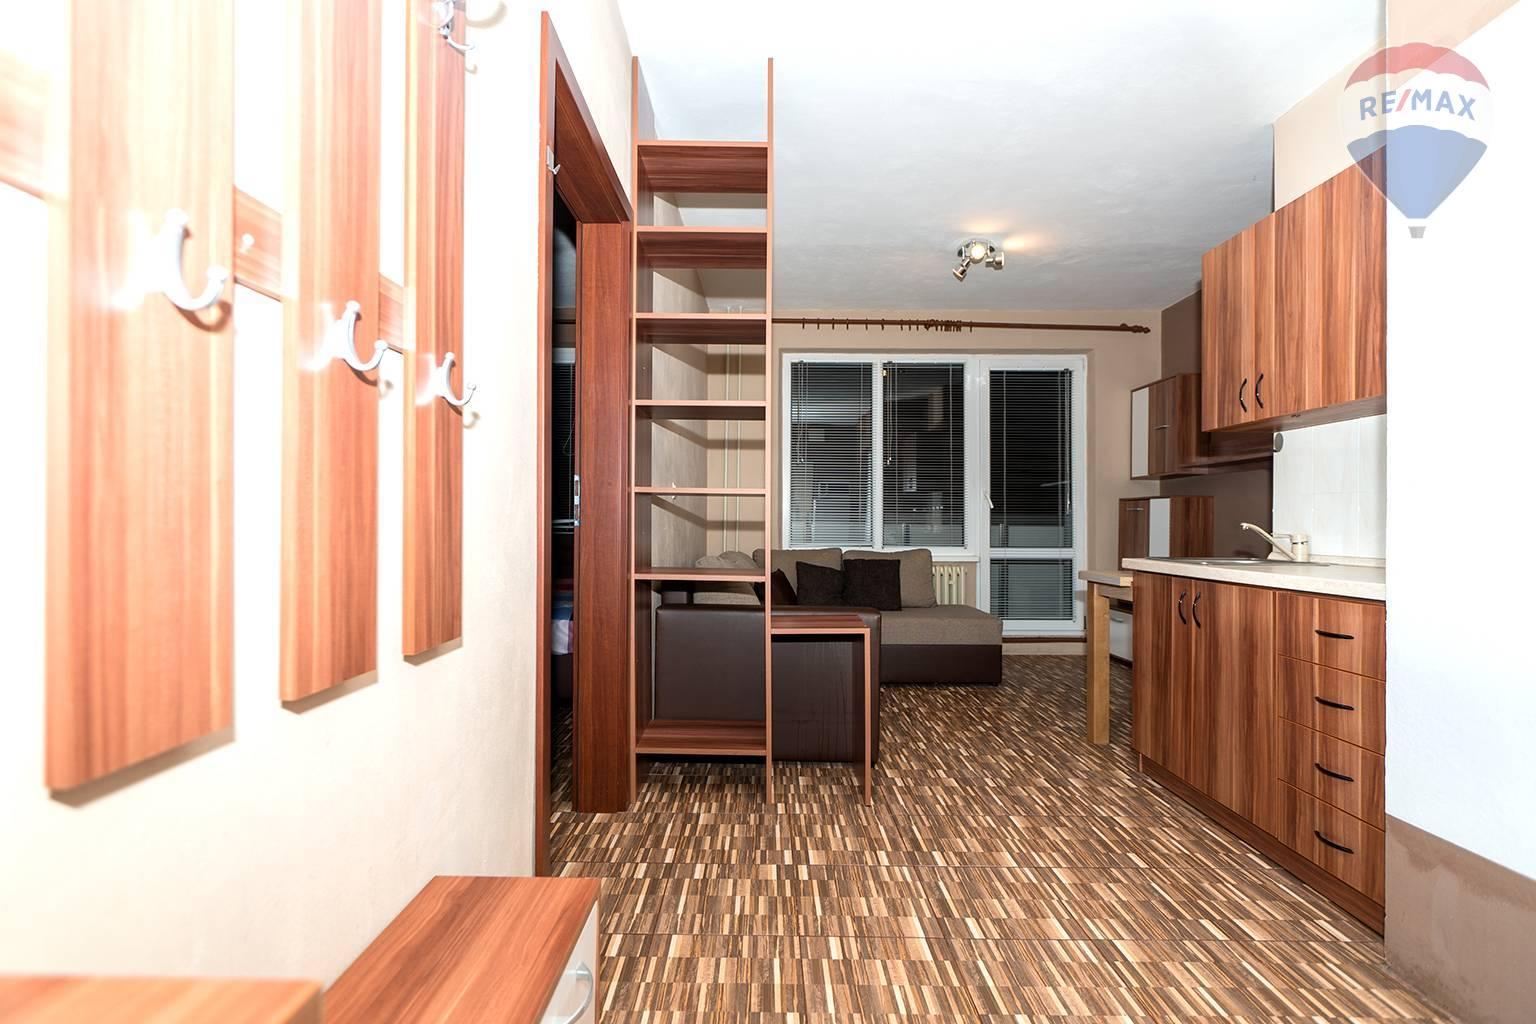 Predám 1 izbový byt, Liptovský Mikuláš - Nábrežie